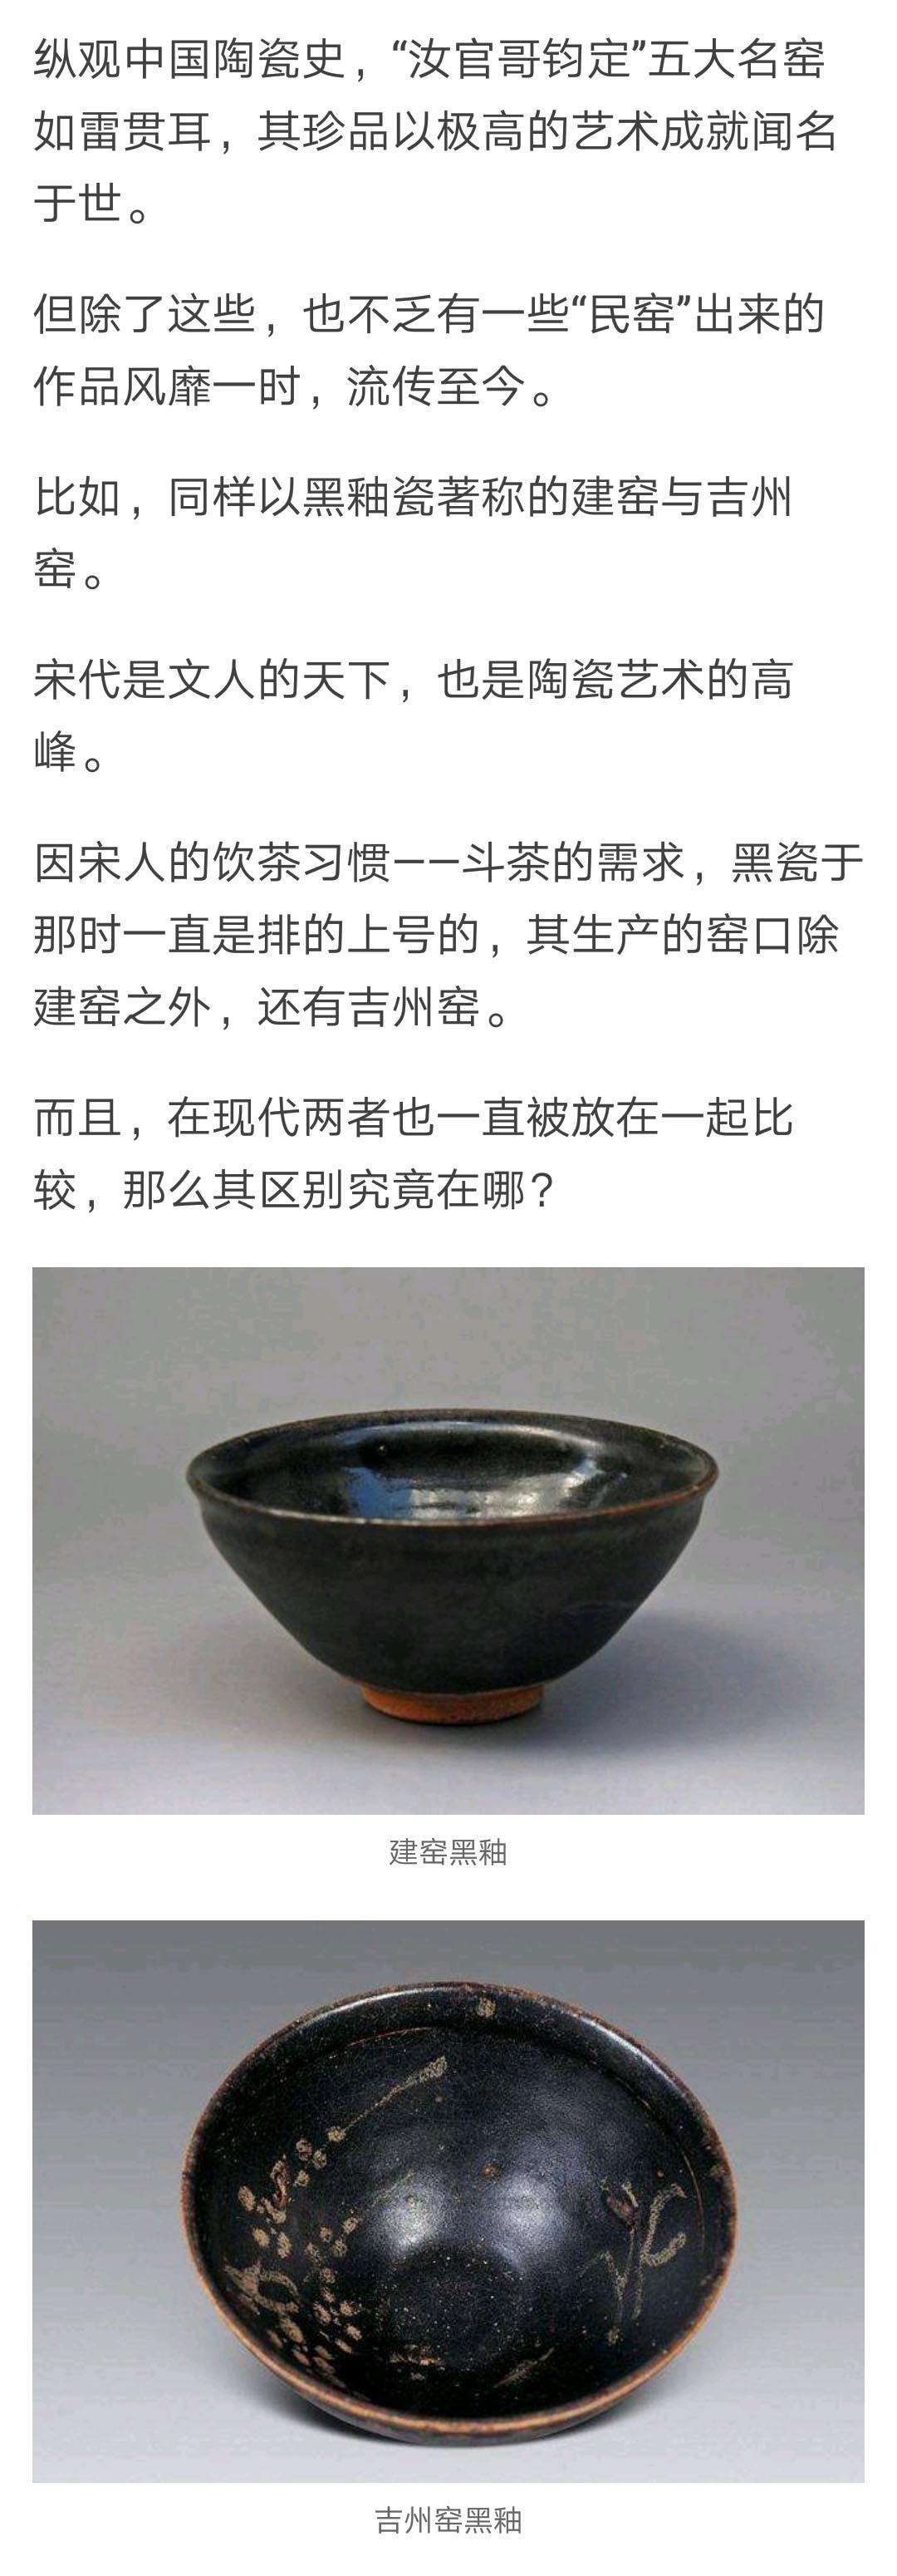 建窑和吉州窑作为同时期著名的黑瓷窑口,它们有什么区别?